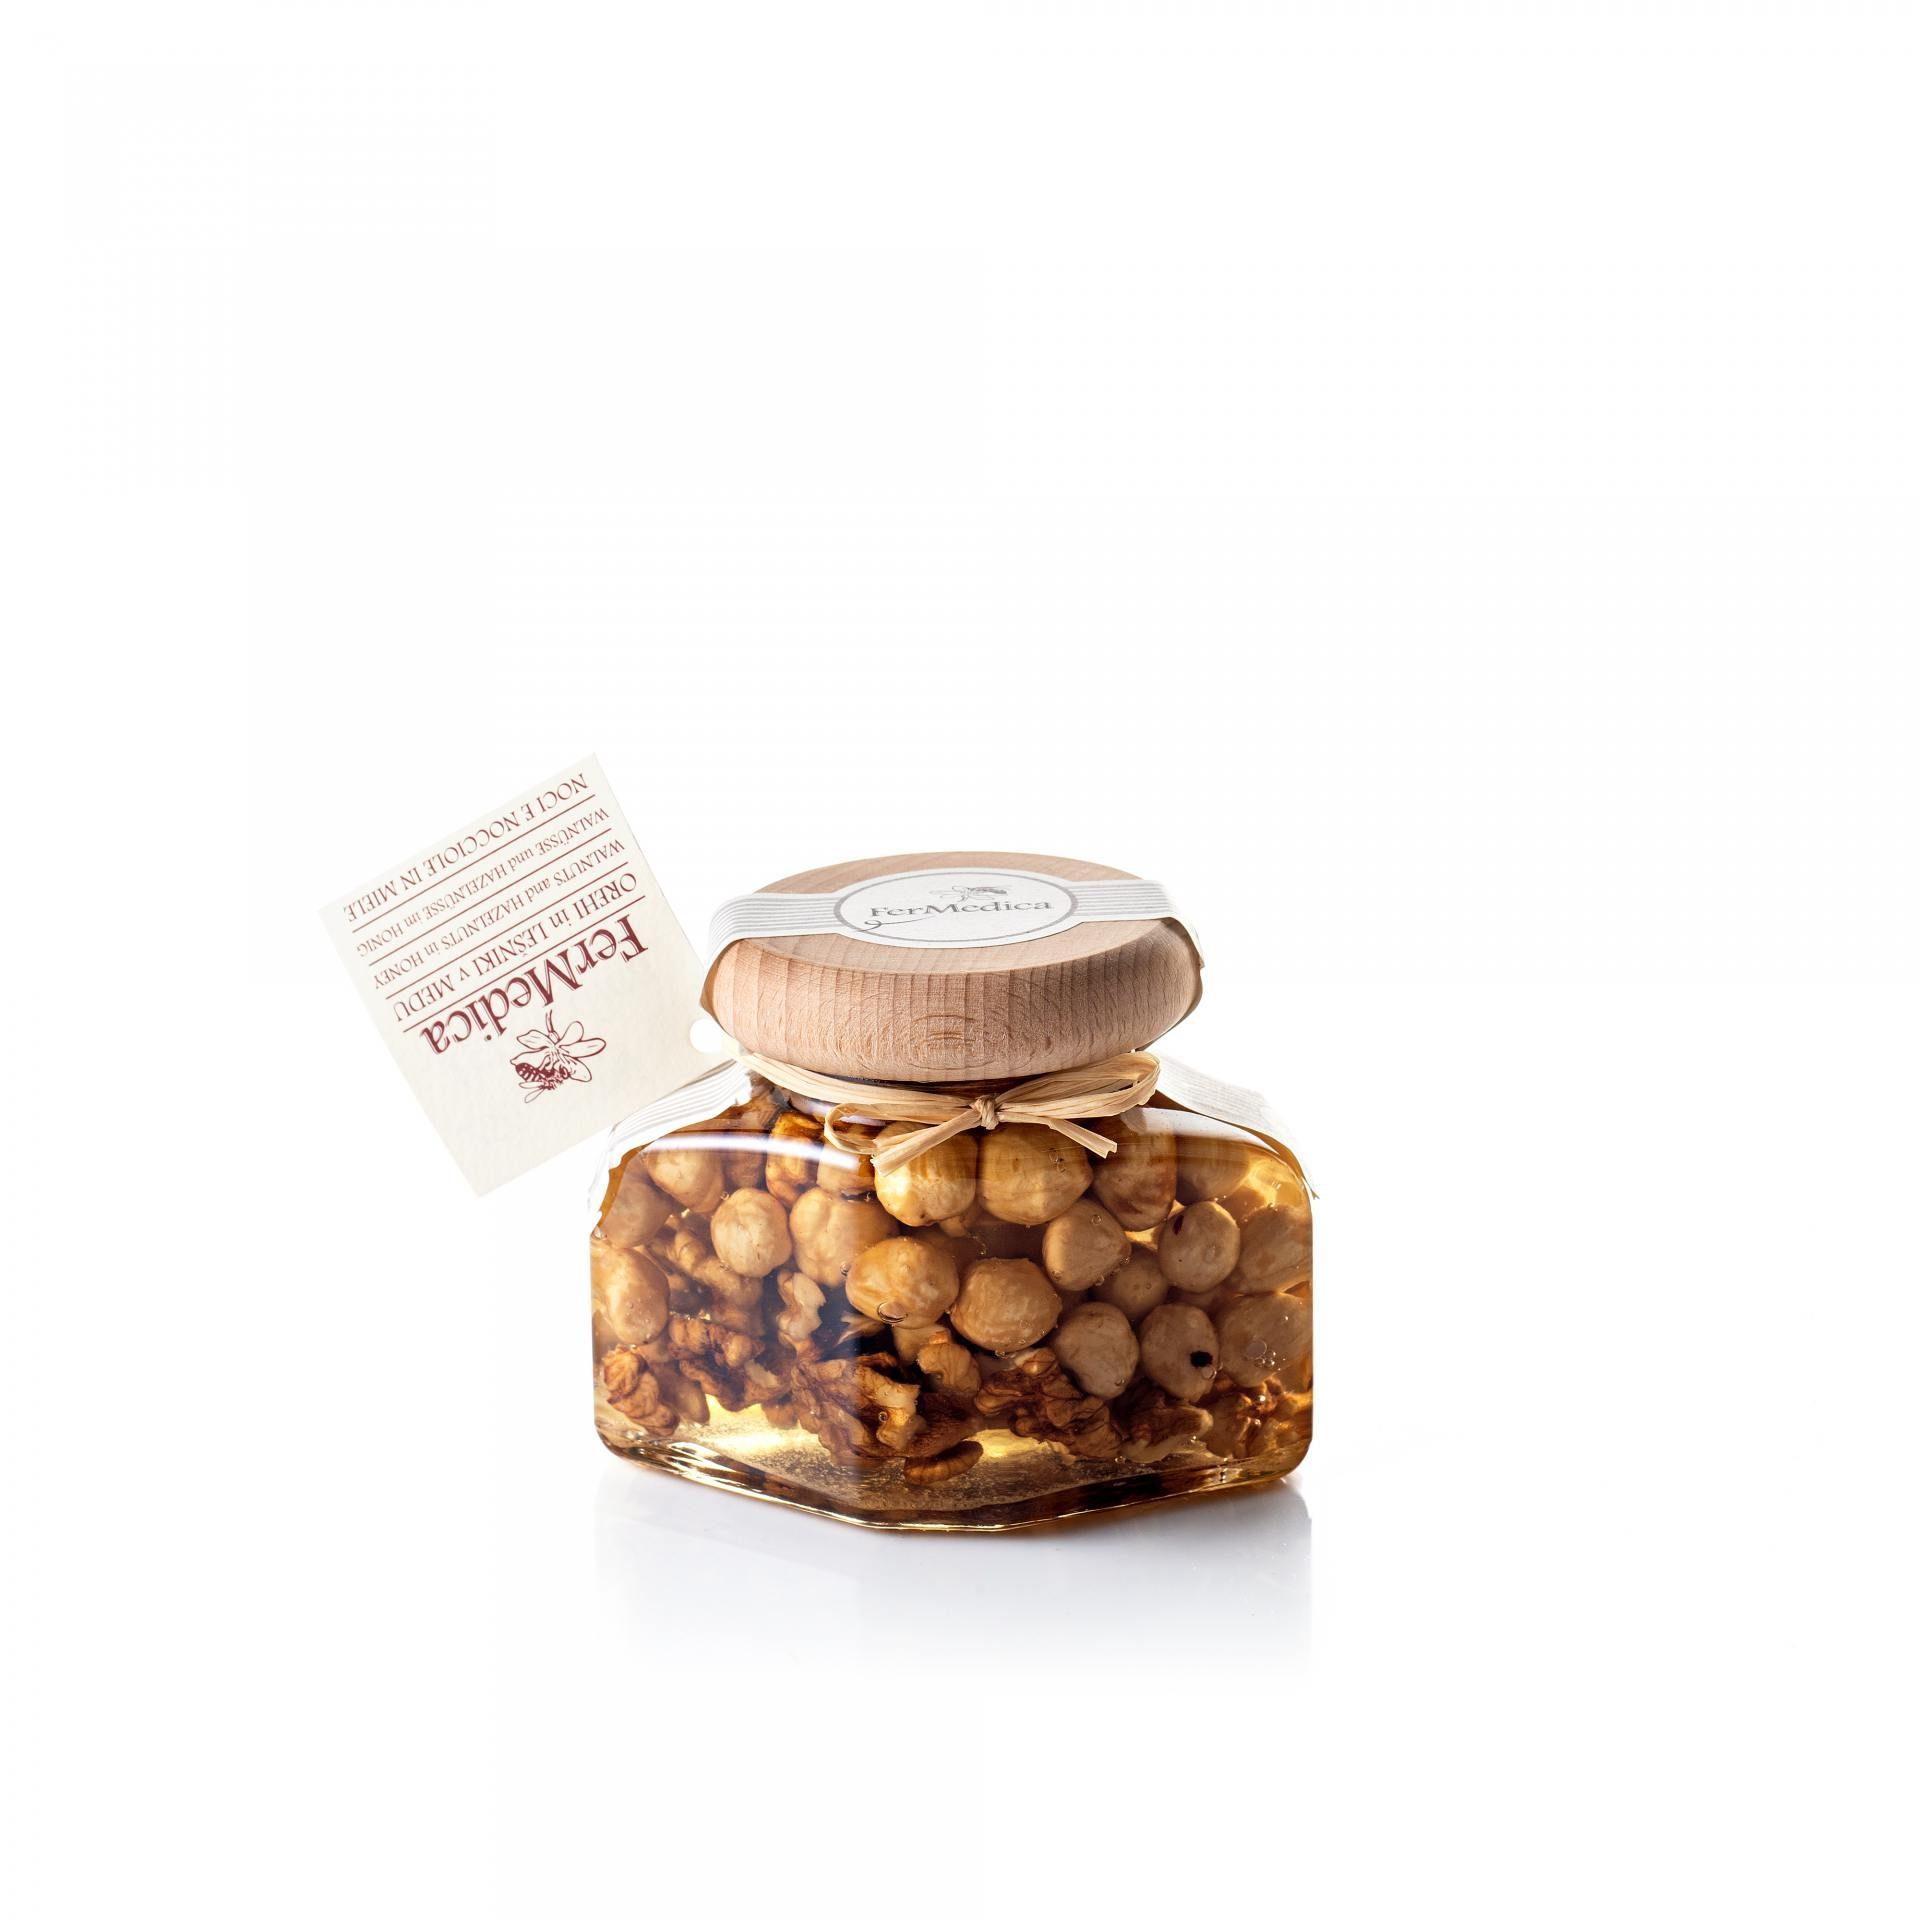 Med in žganje, med z dodatki, darilni seti v lični embalaži fermedica 77